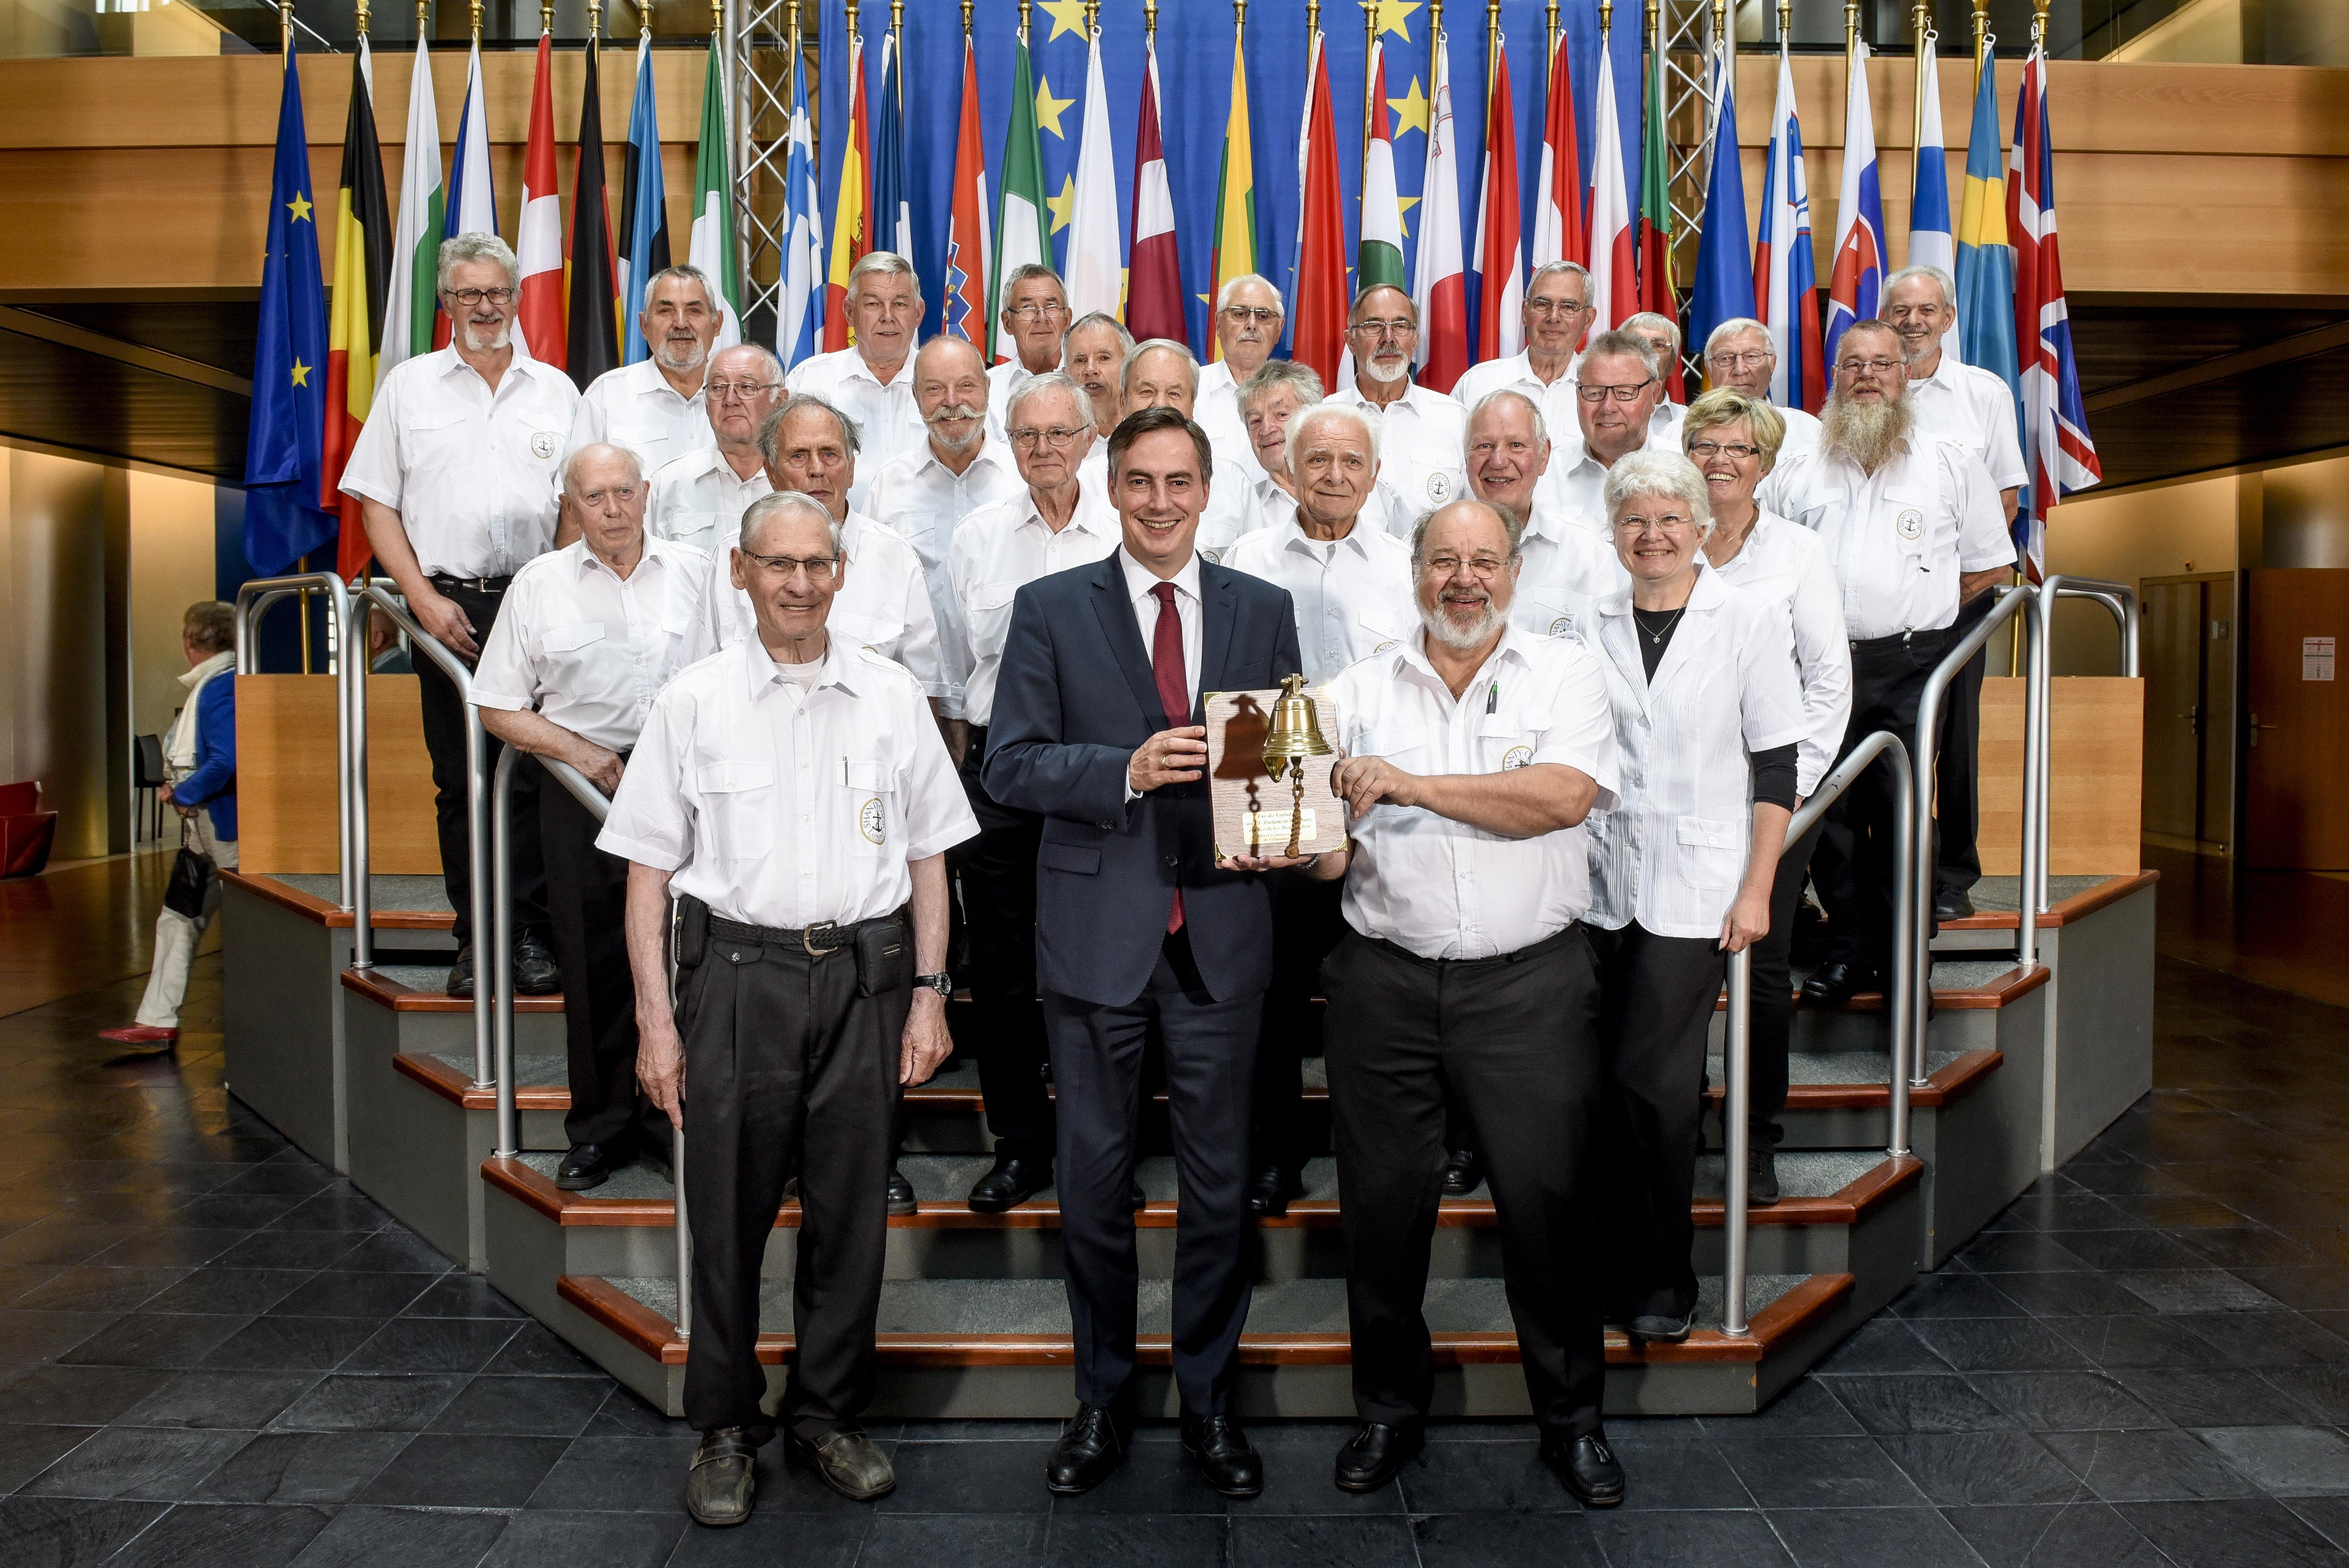 Presseinformation, 13.09.2017: Shanty-Chor Loxstedt besucht Europäisches Parlament in Straßburg